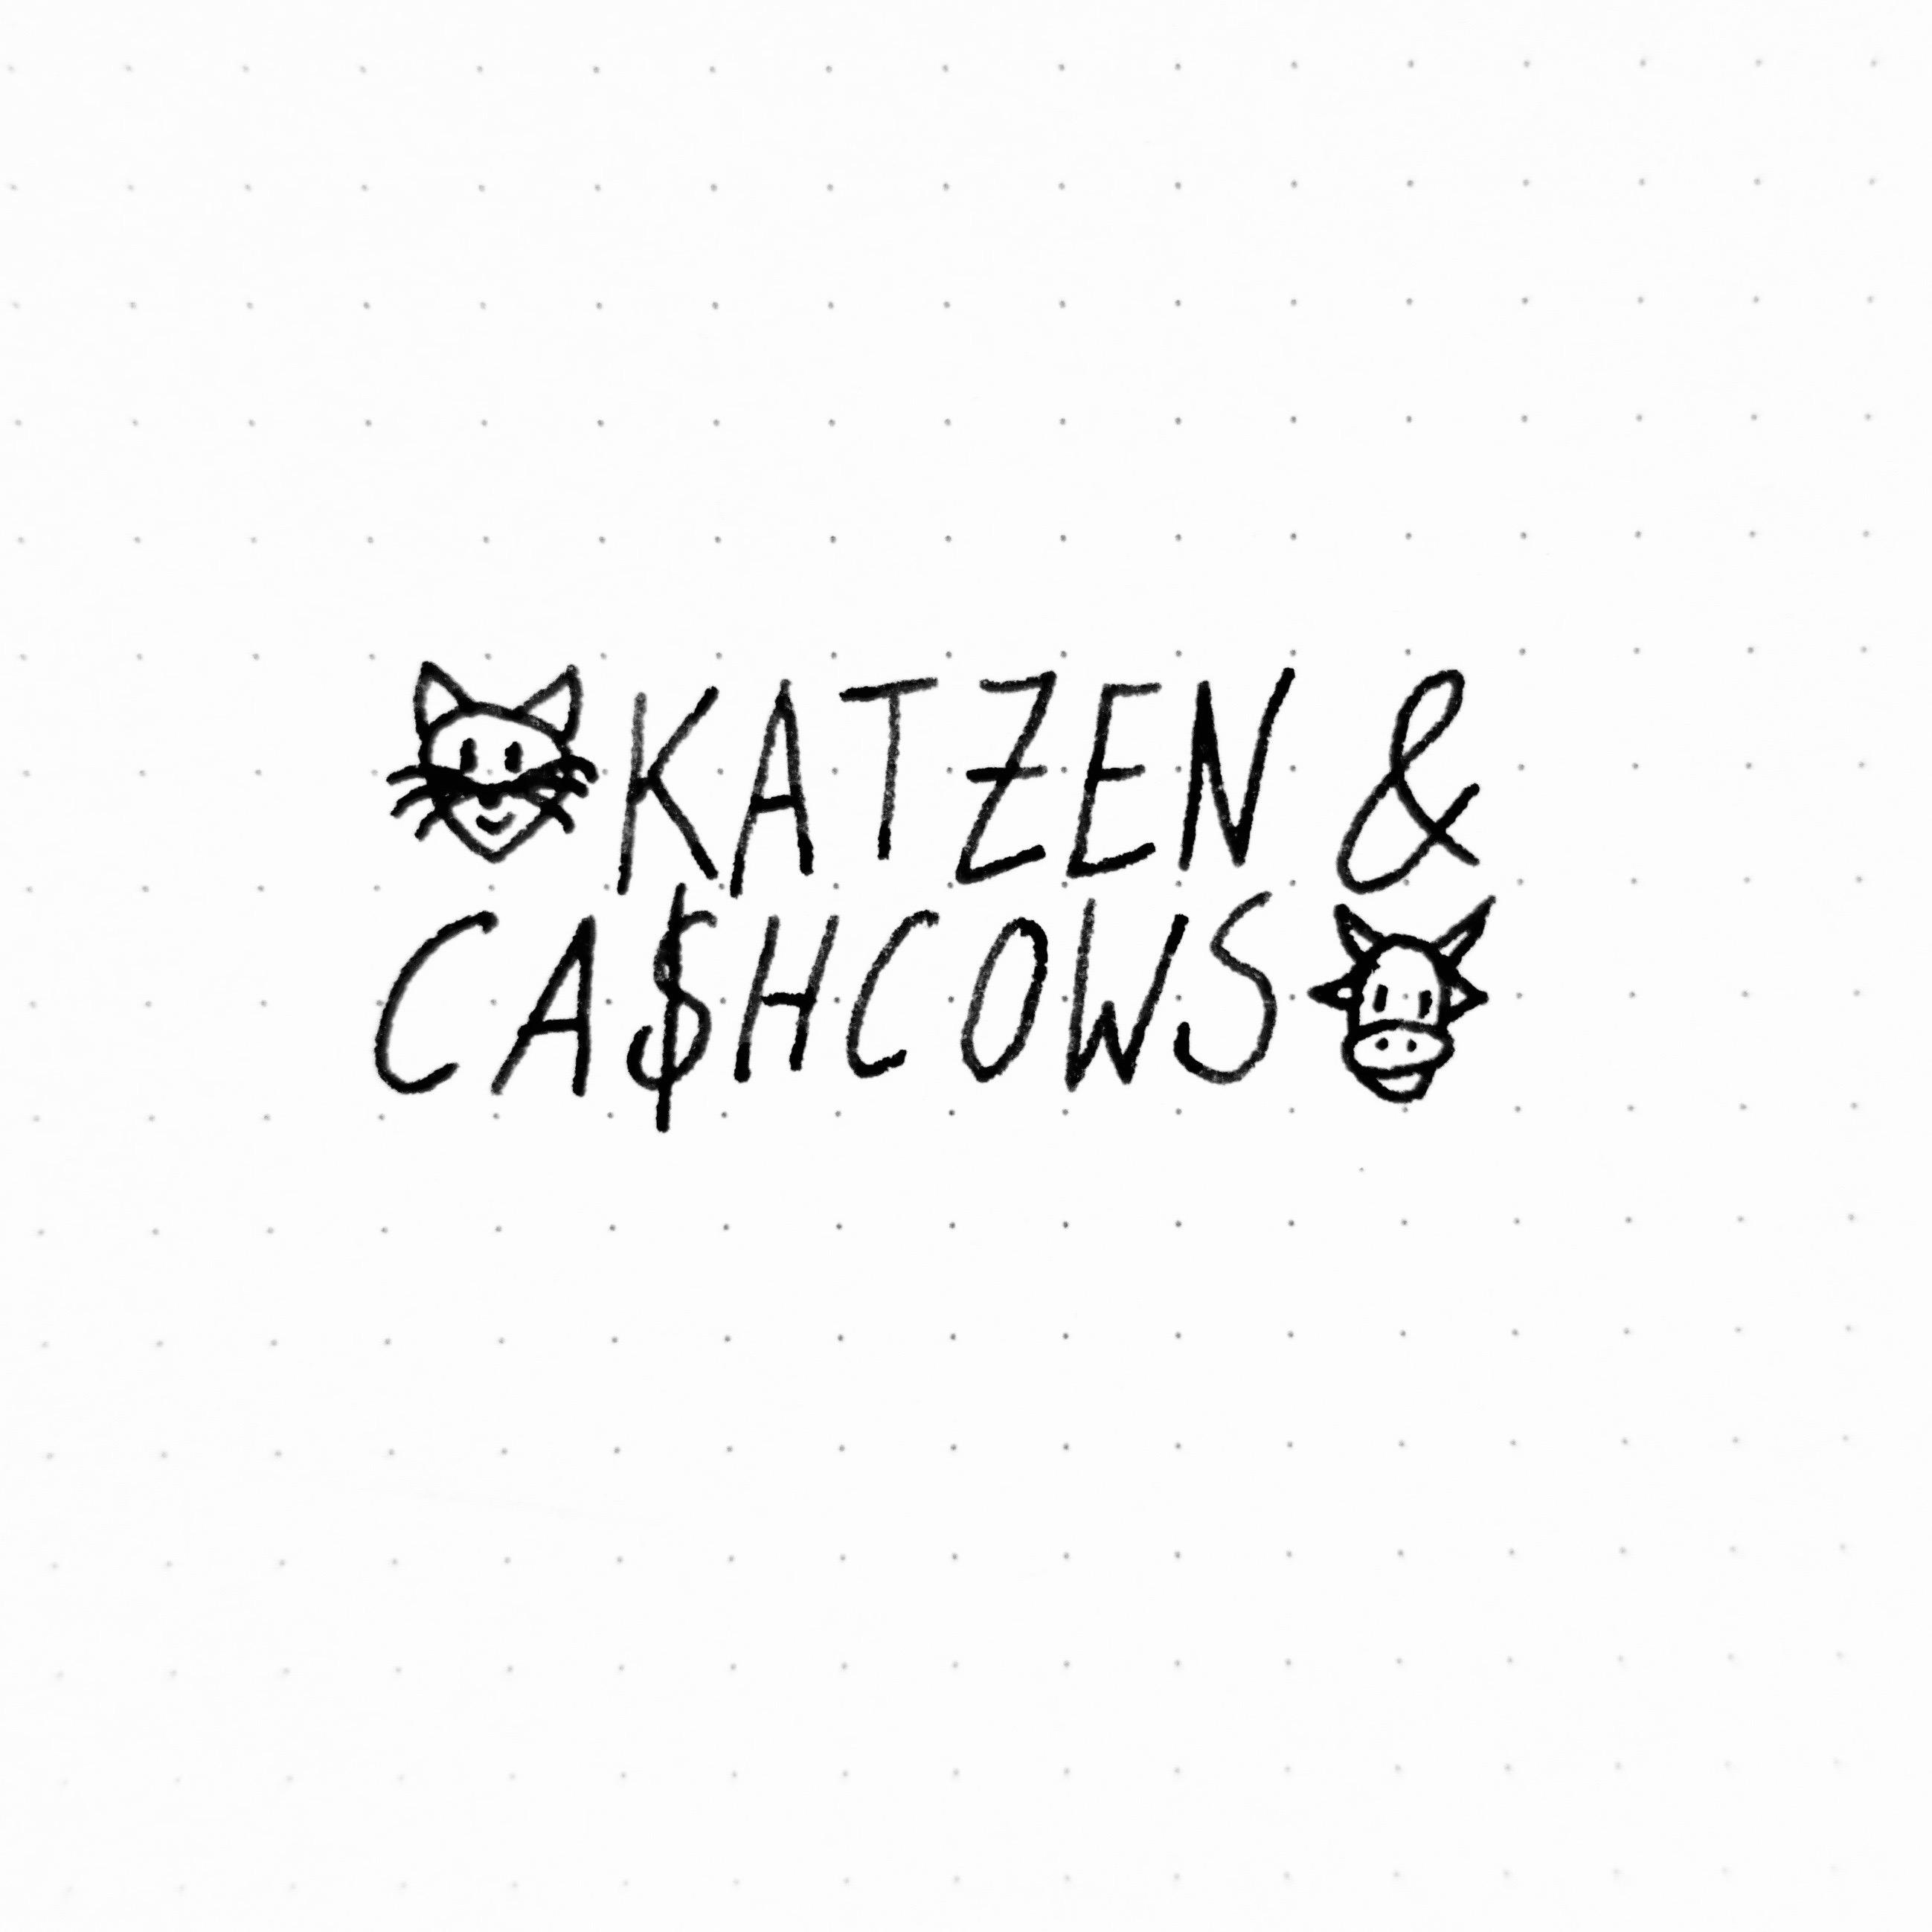 Katzen und Cashcows – Der Musical-Podcast